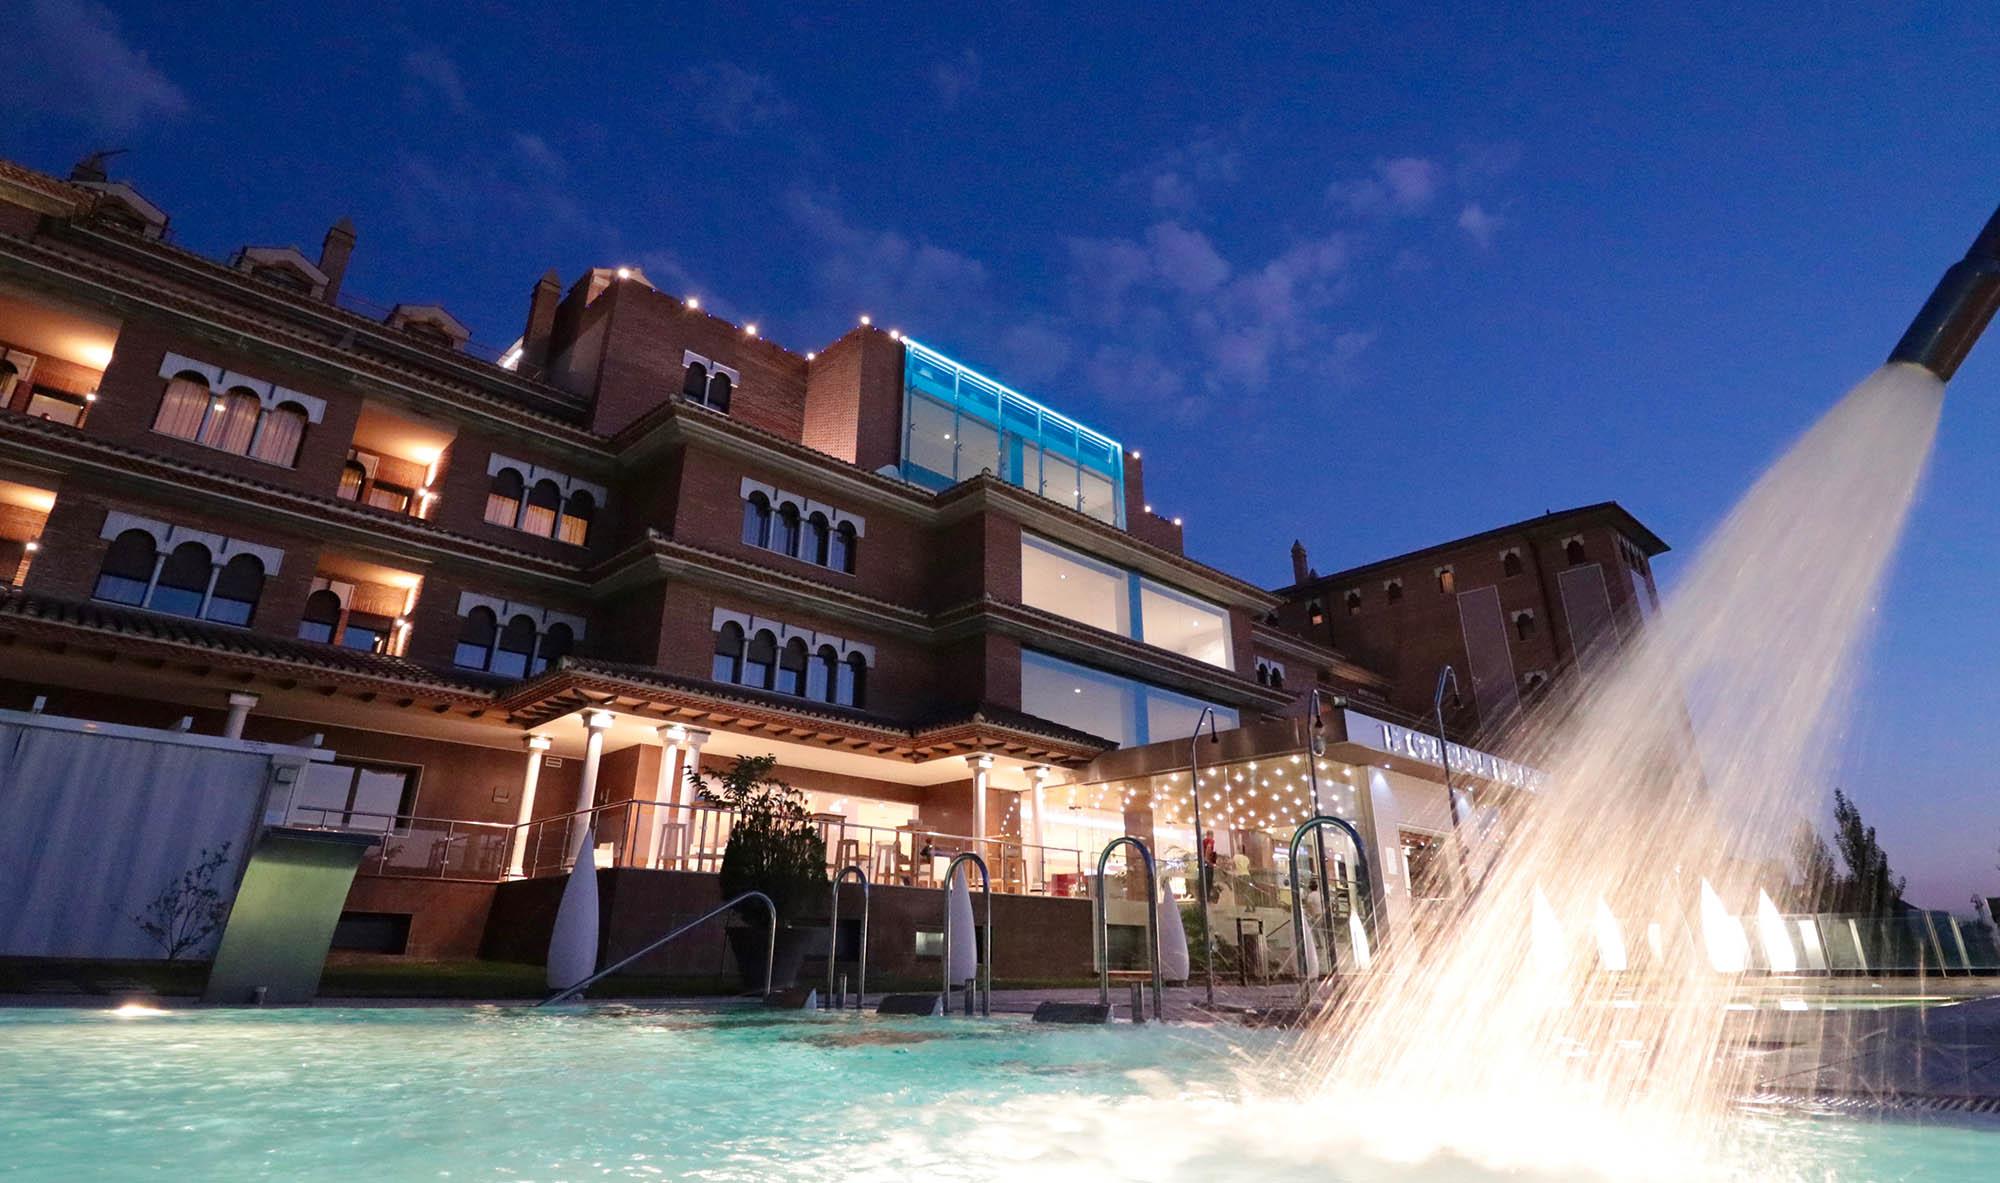 fachada del hotel desde la piscina